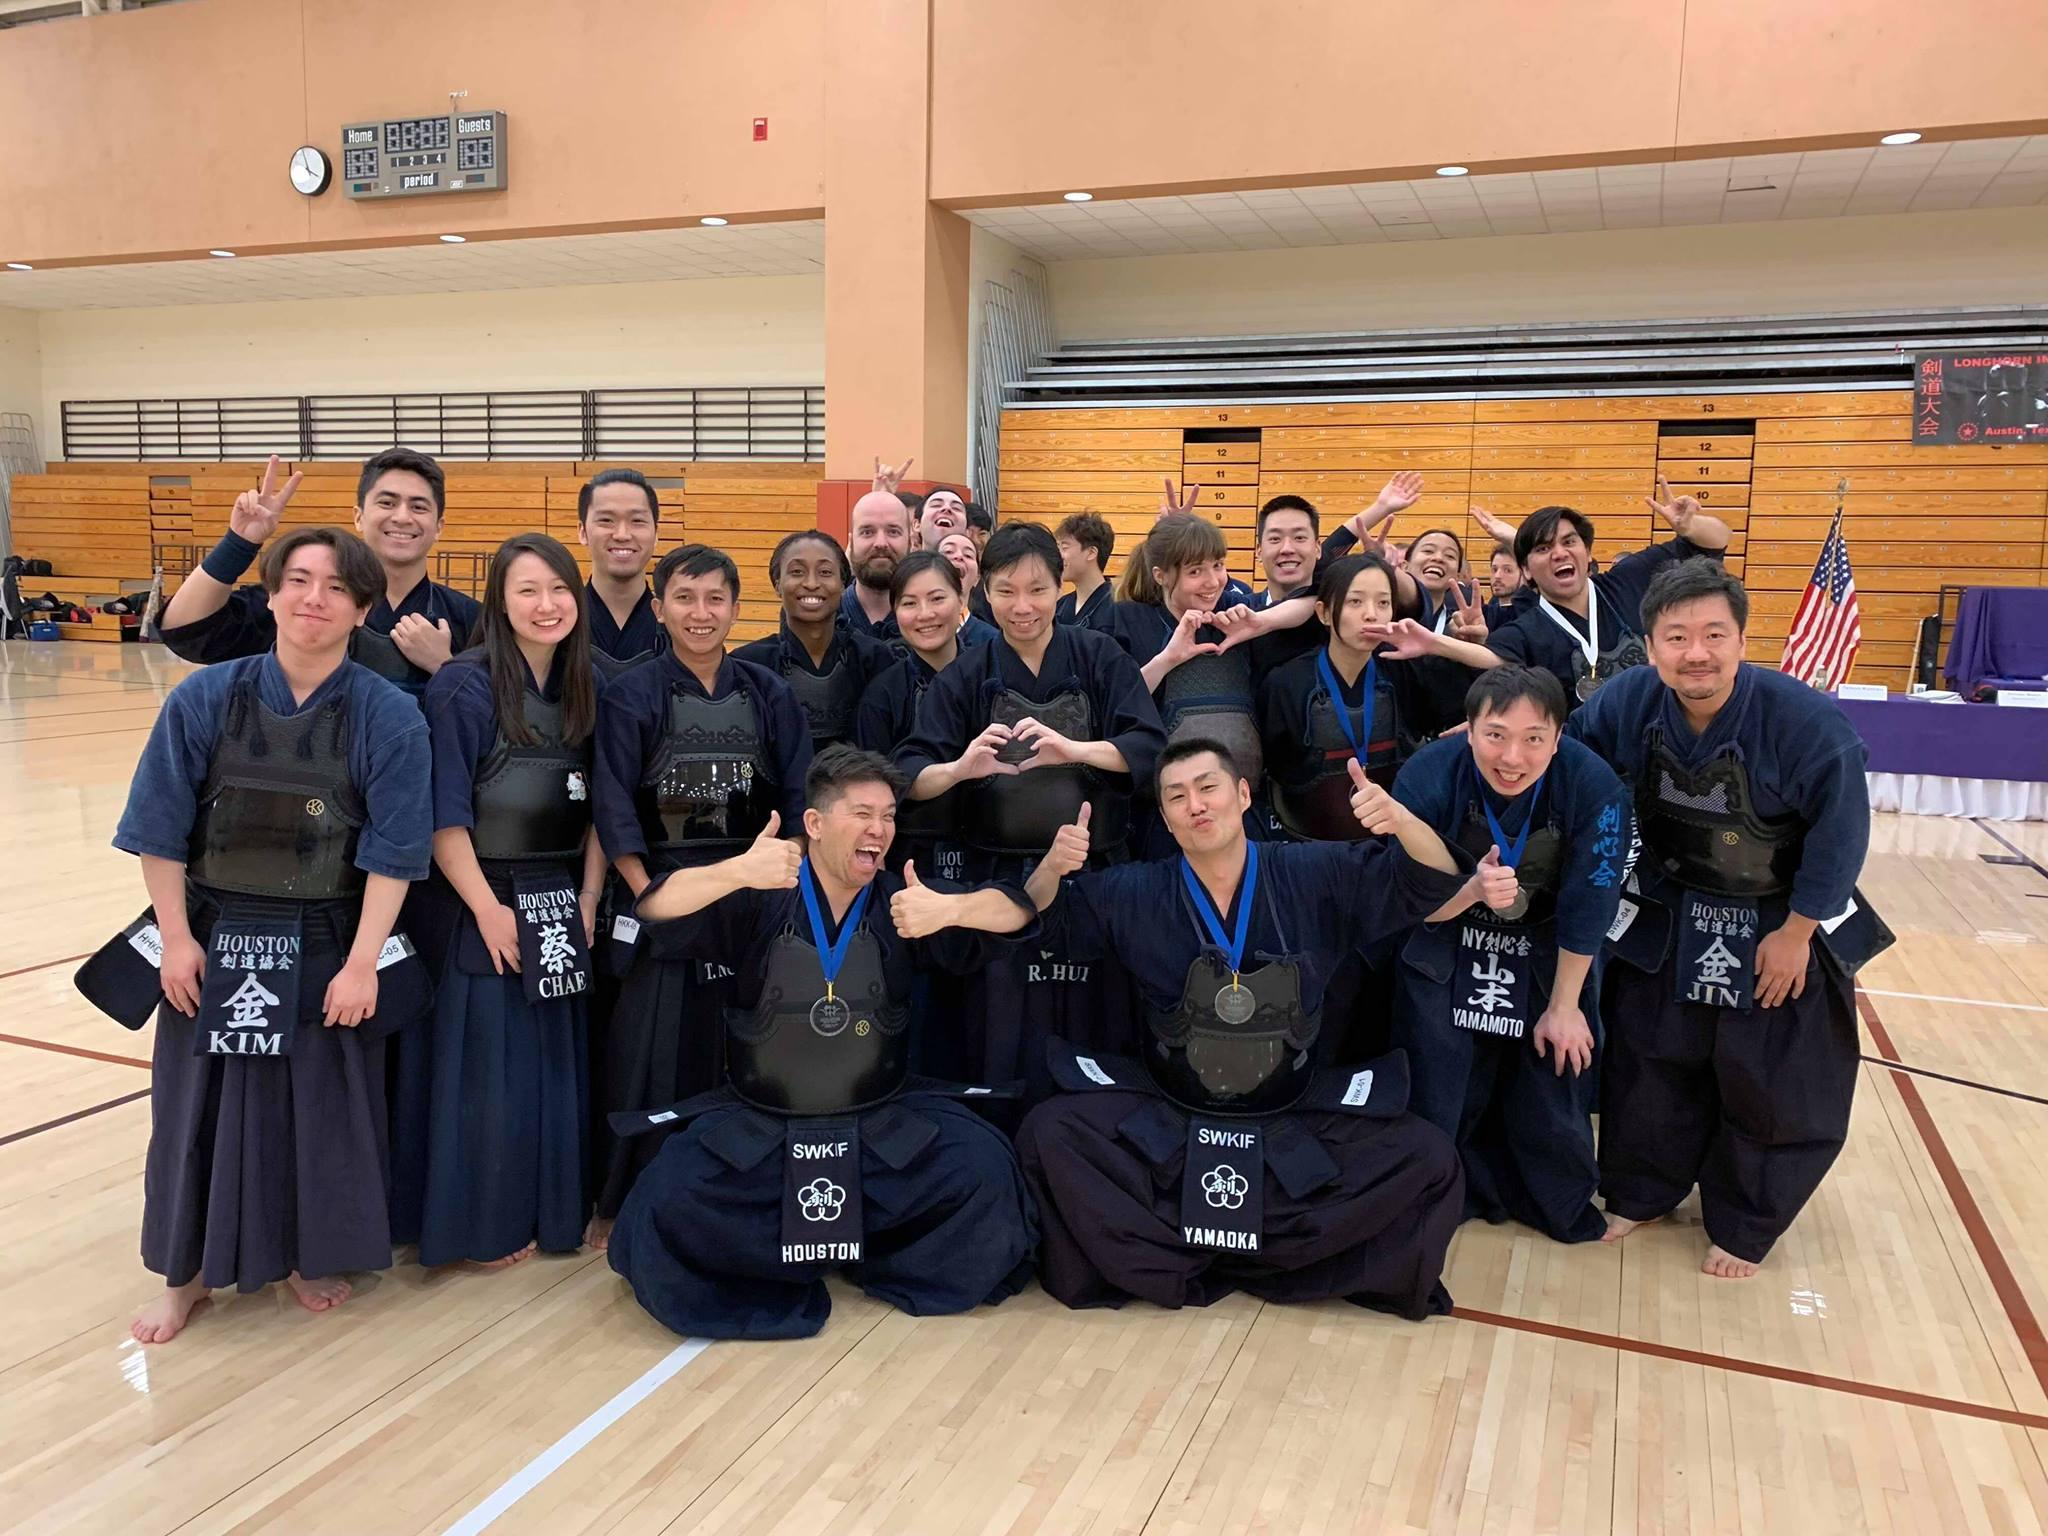 SWKIF team with Houston Sensei and Adachi Sensei took 1st place at the 2018 Austin Team Taikai.